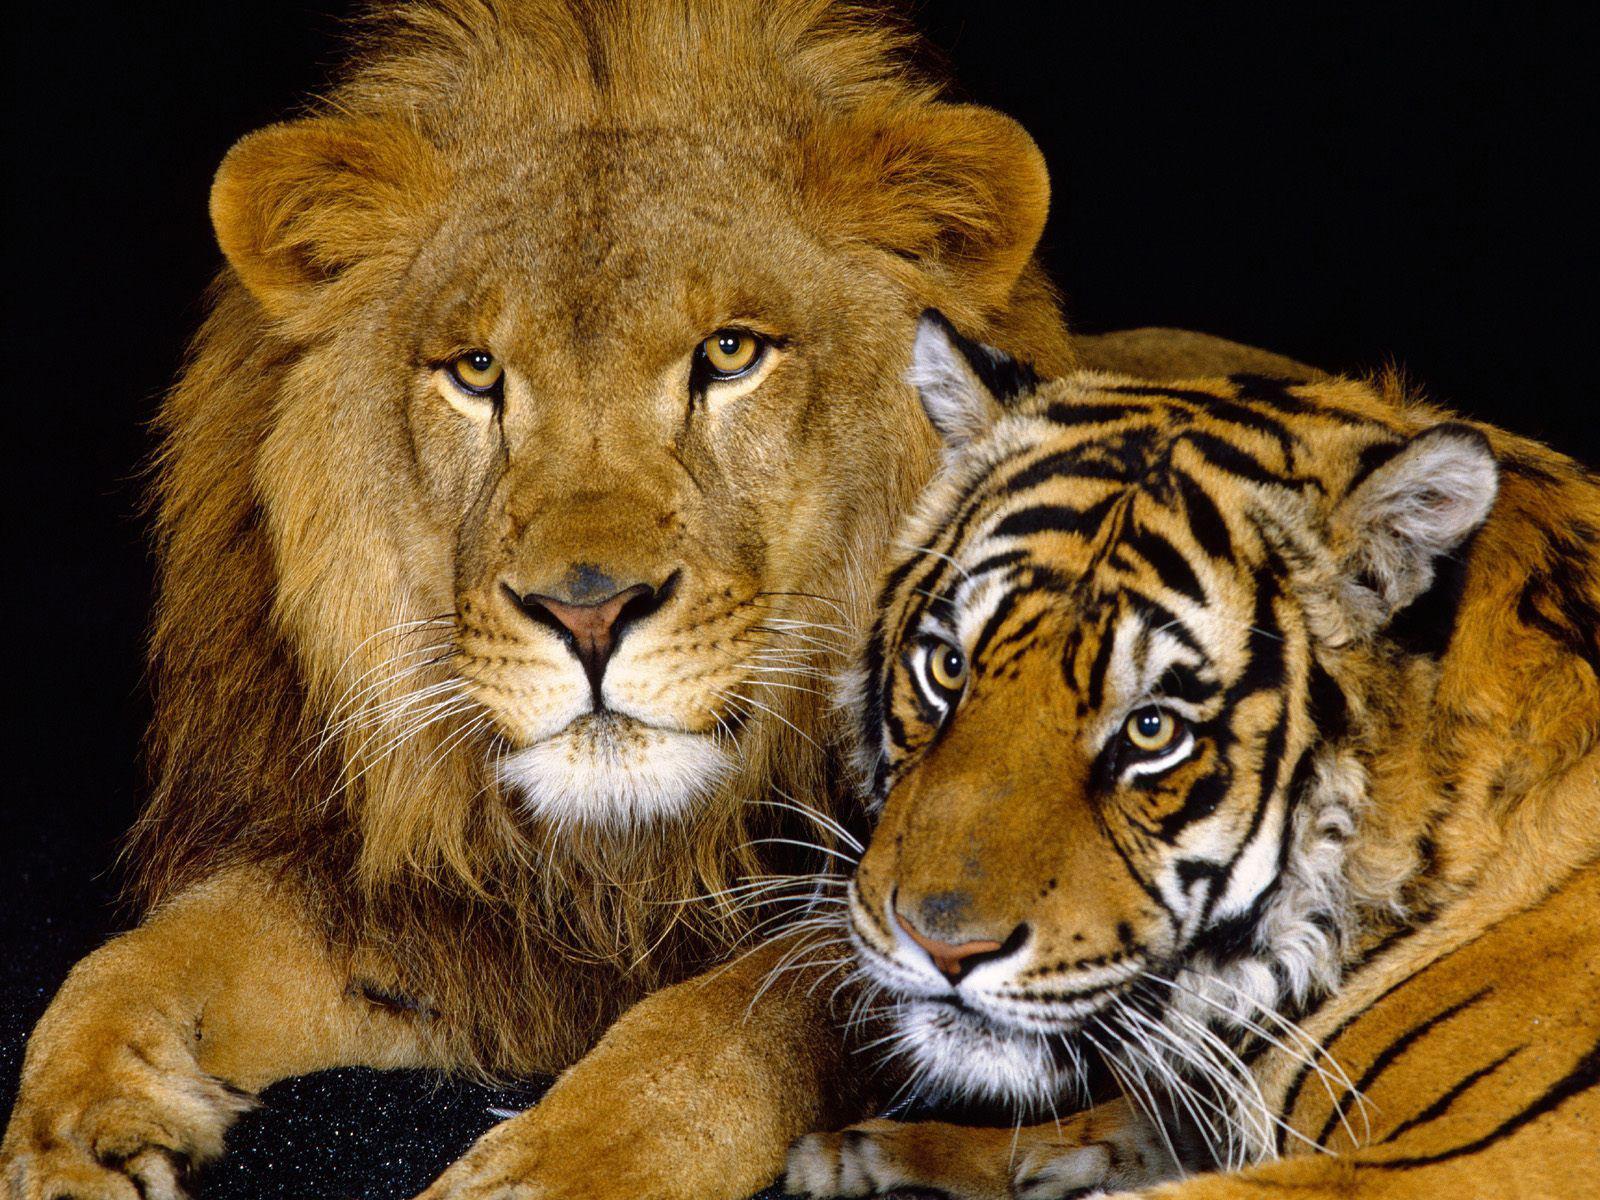 лев и тигр, фото, обои для рабочего стола